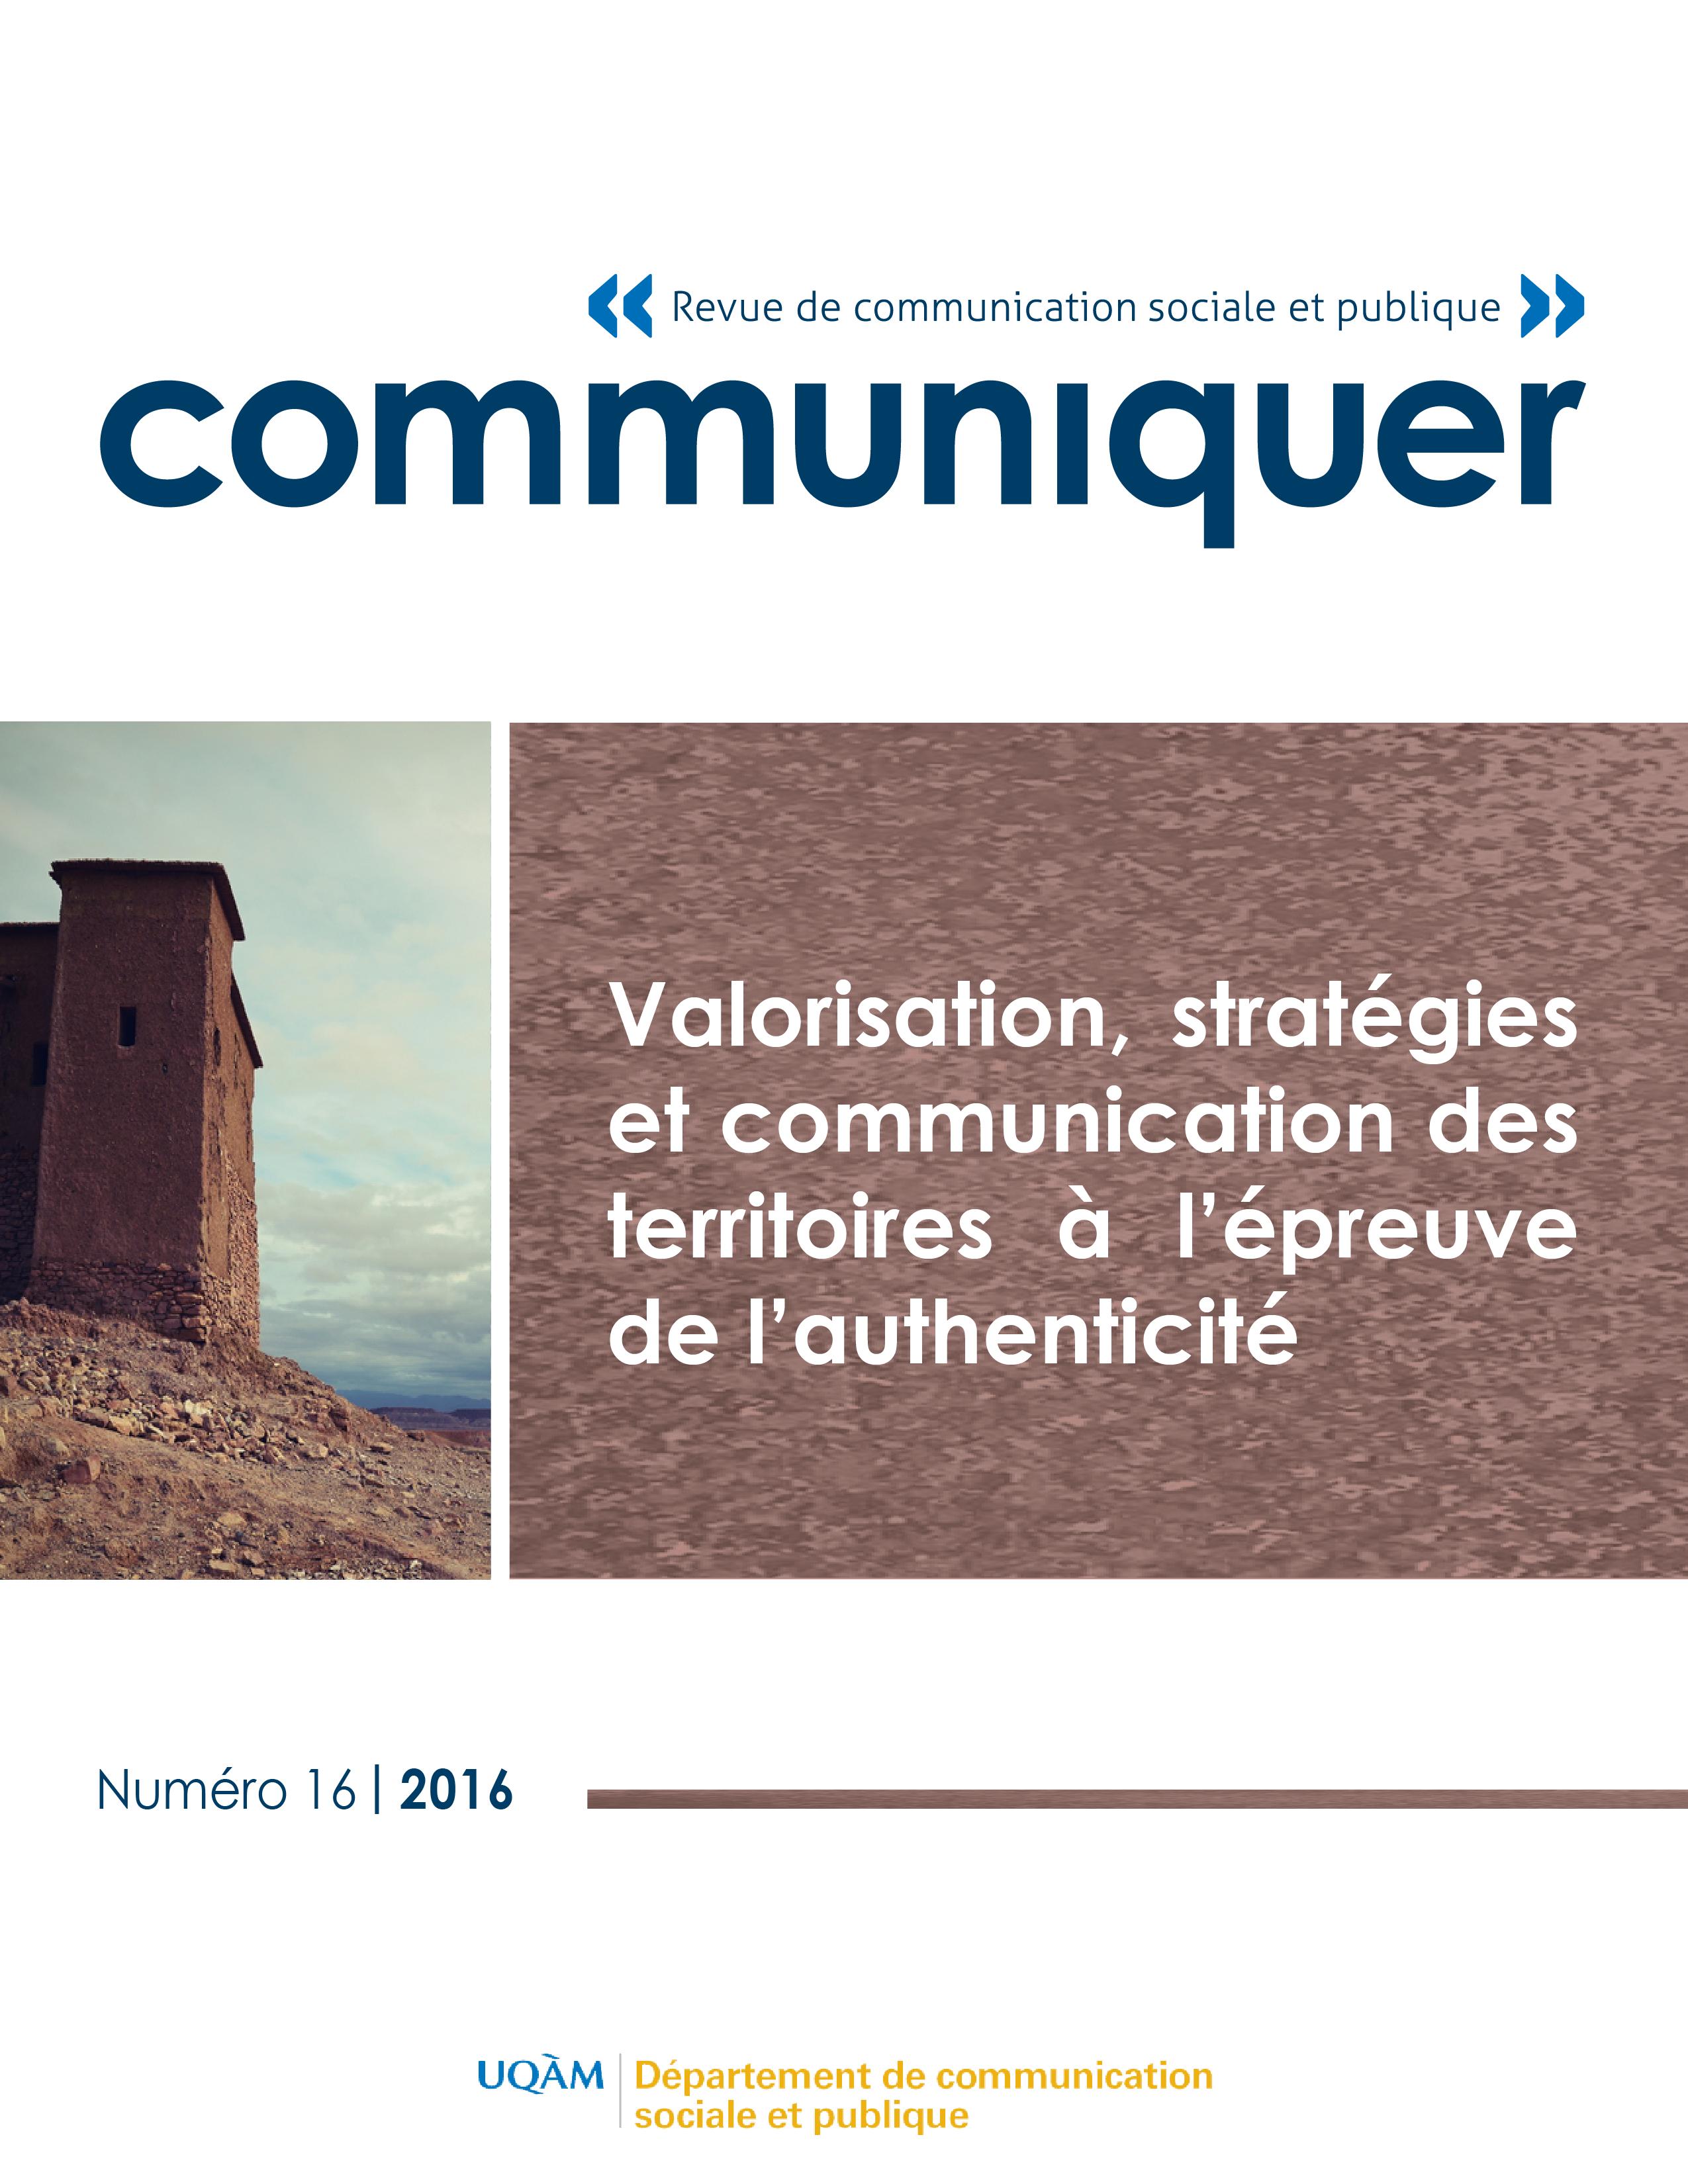 Valorisation, stratégies et communication des territoires à l'épreuve de l'authenticité, revue Communiquer n°16, 2016